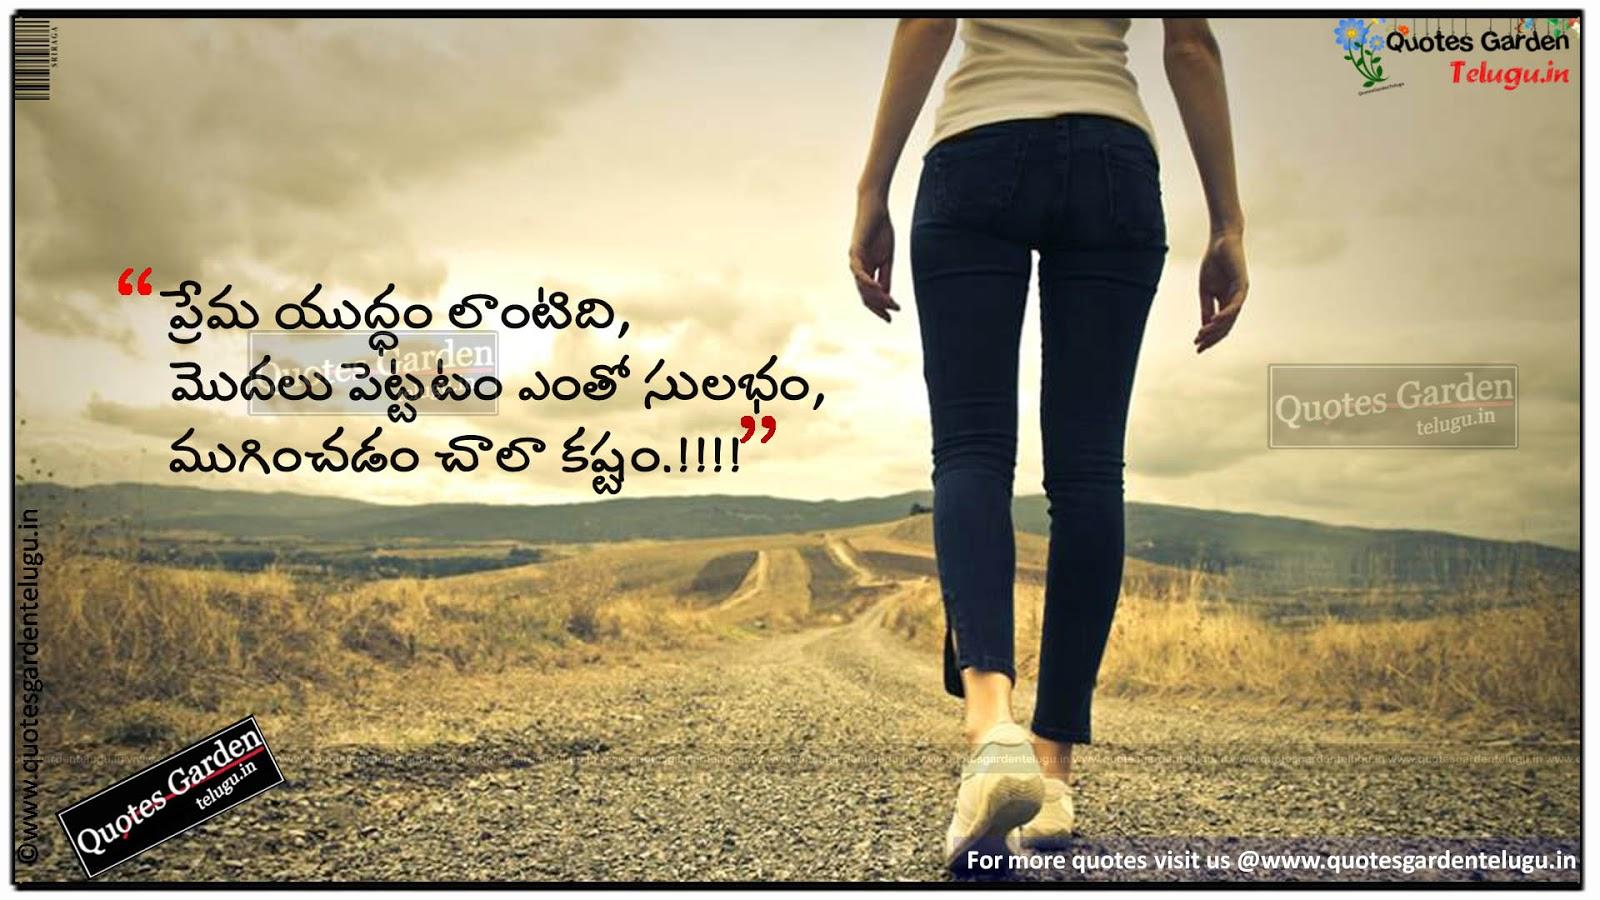 Latest Telugu Language Fb Love Quotes Images Garden